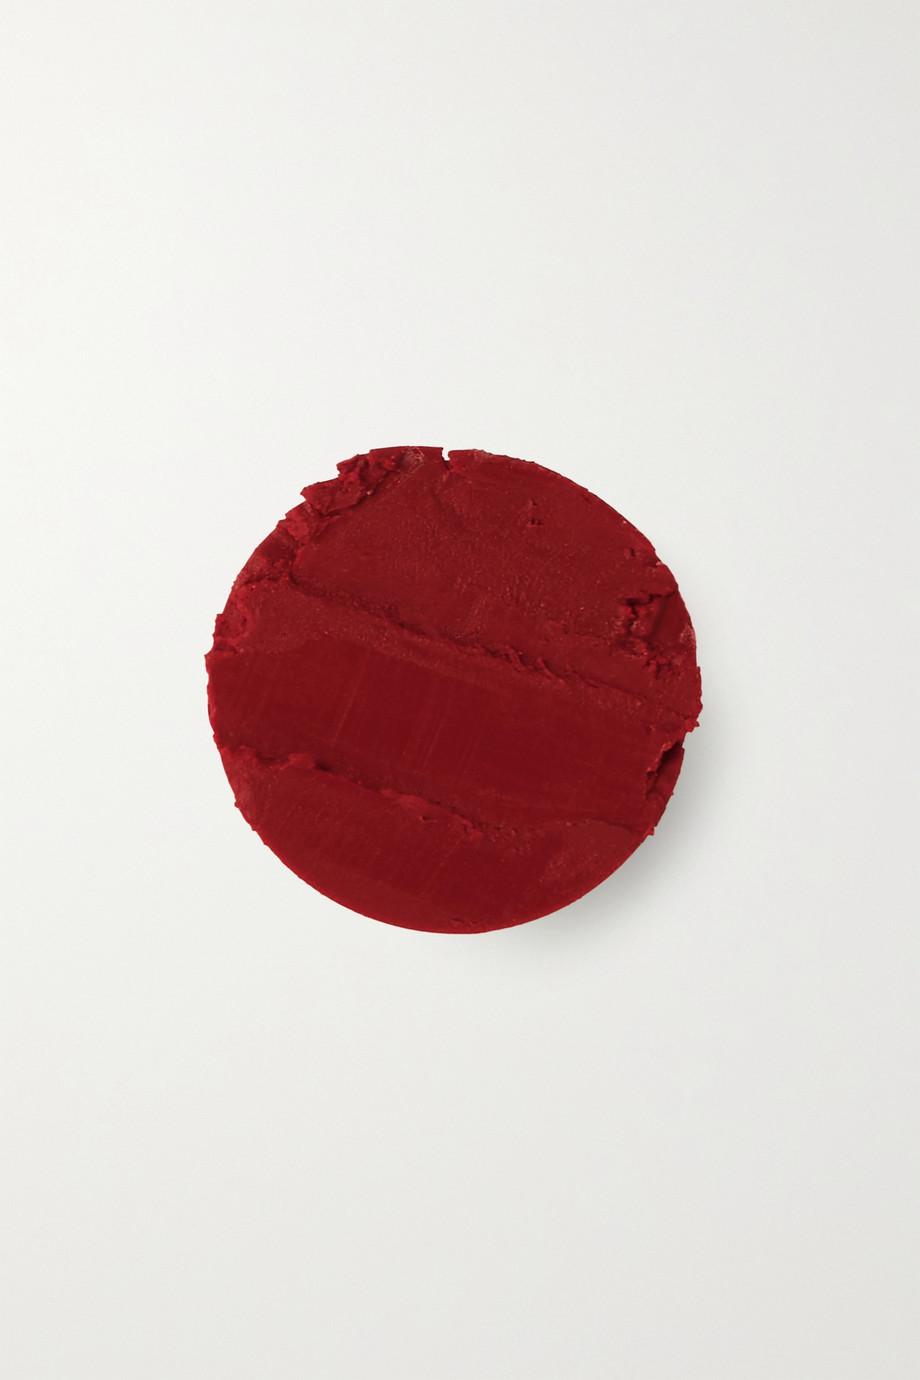 TOM FORD BEAUTY Lip Color - Matte Scarlet Rouge 16